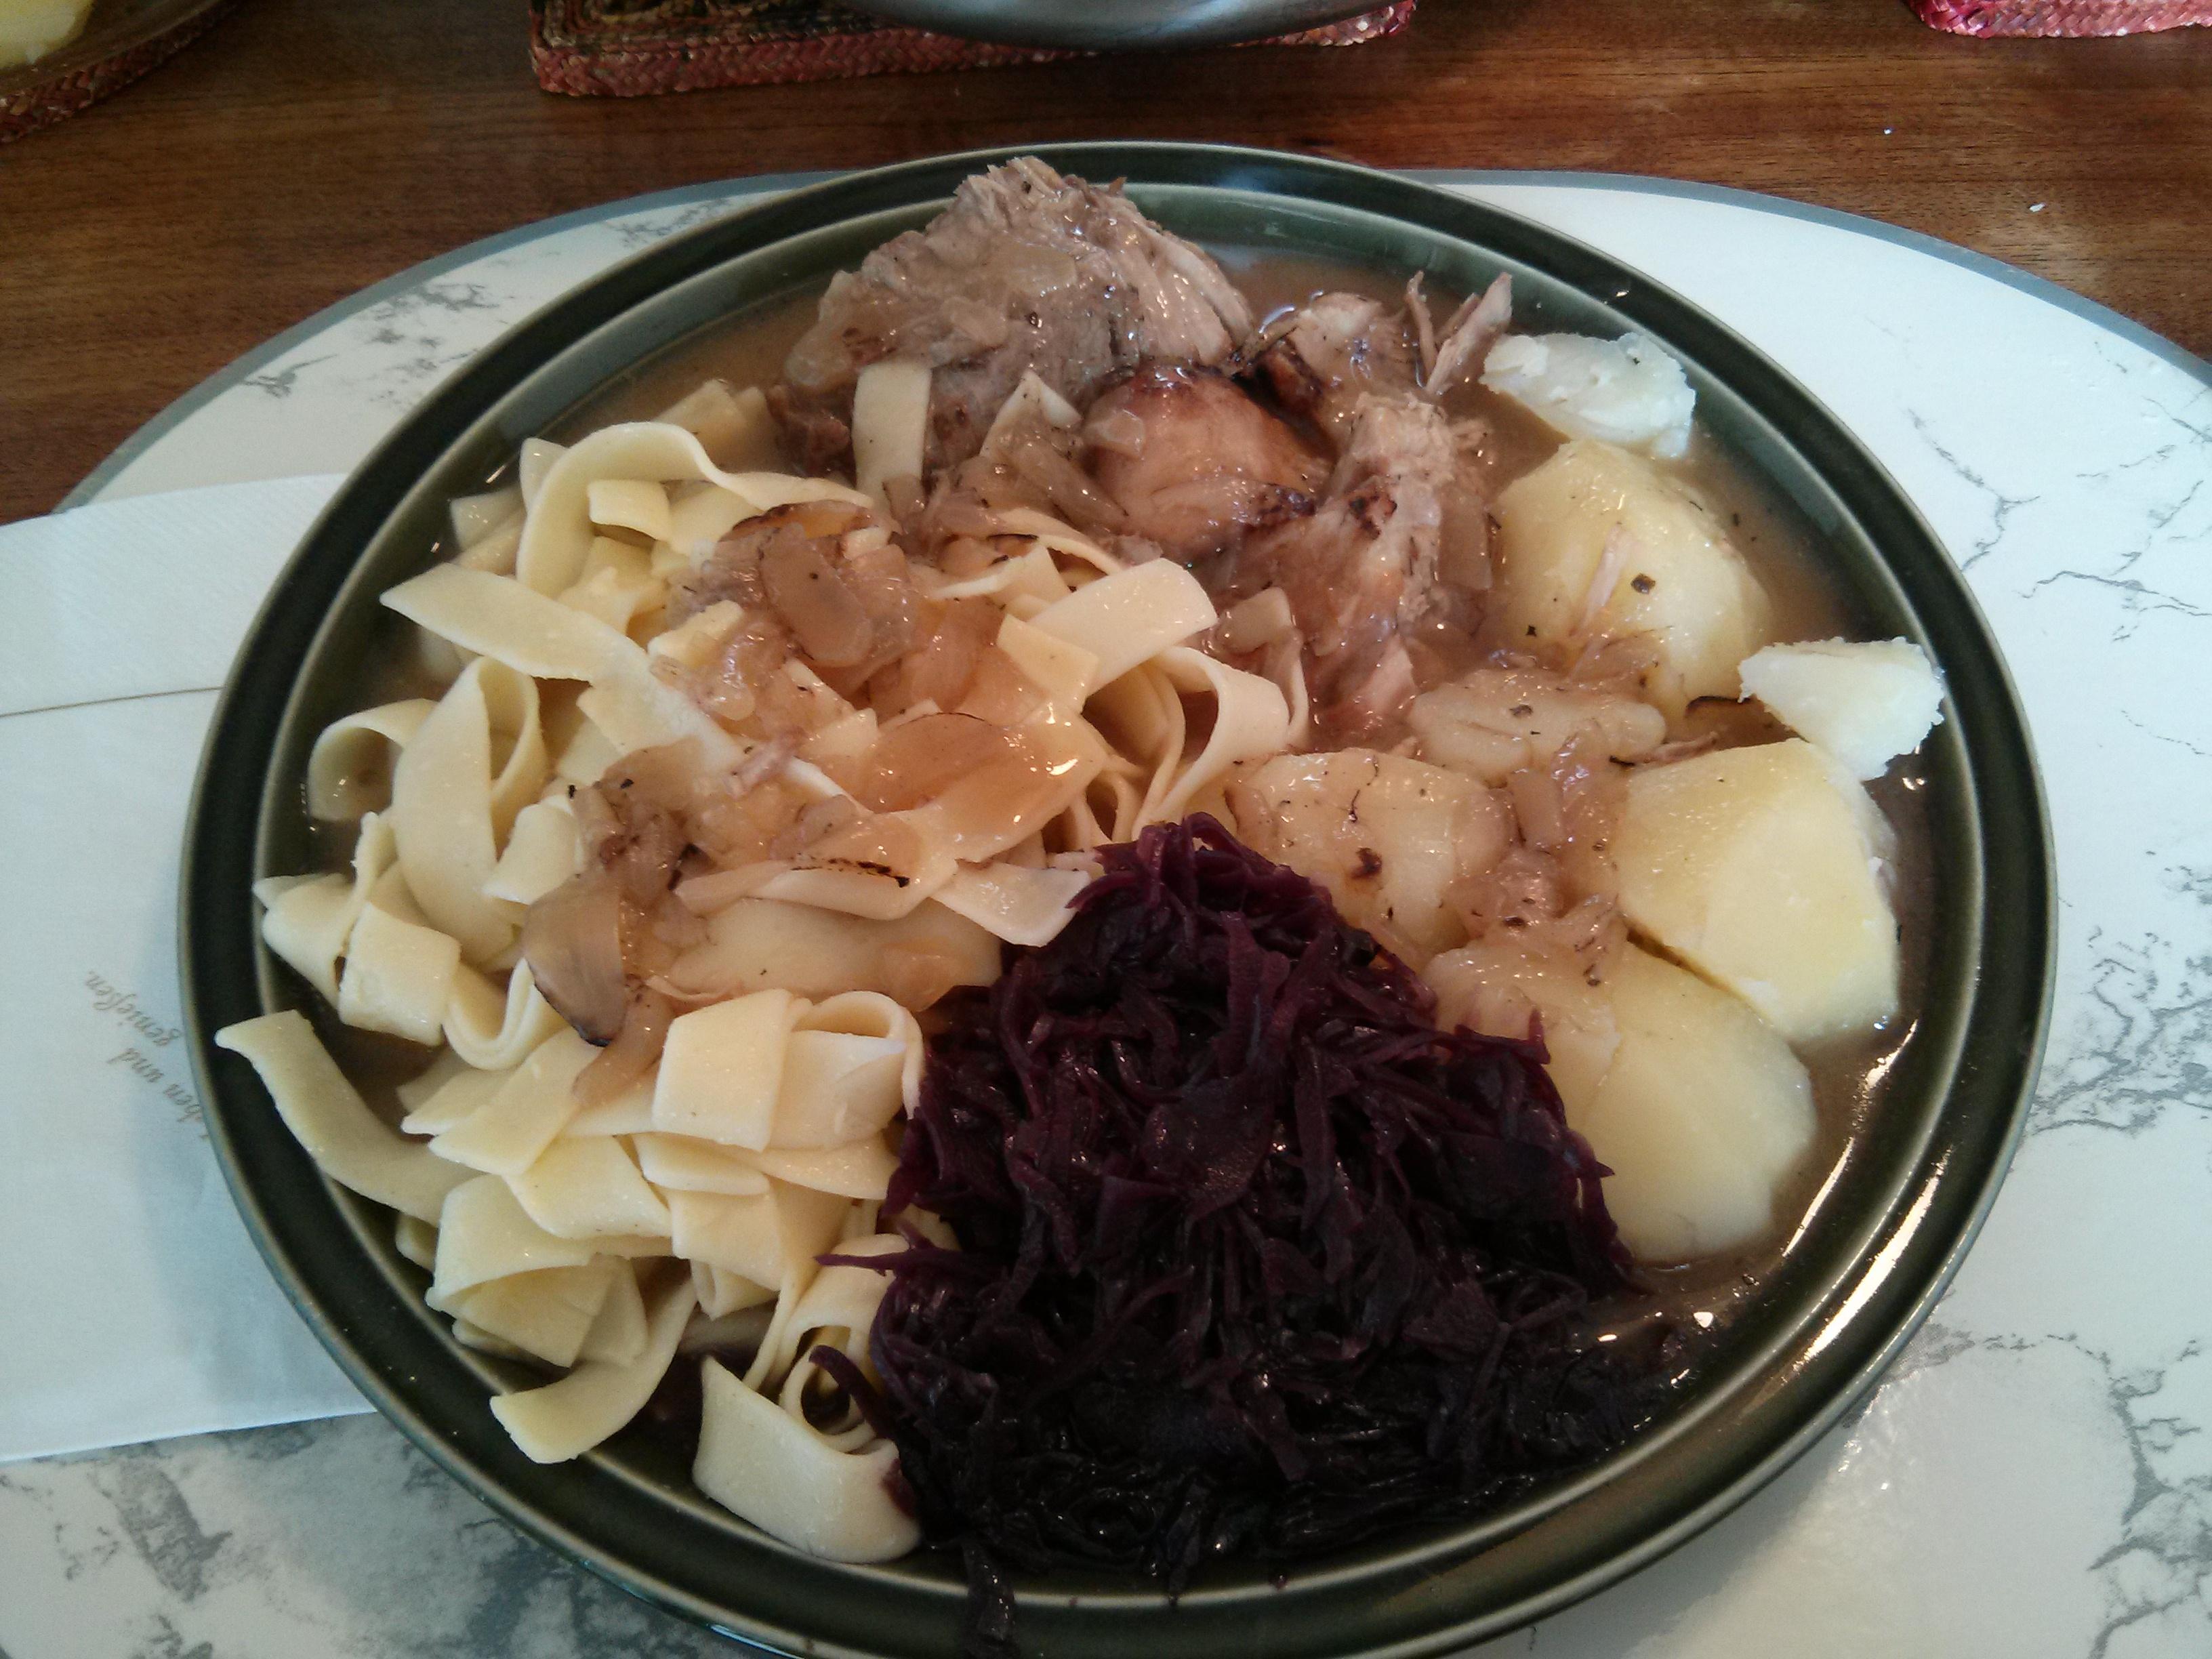 http://foodloader.net/nico_2013-06-05_schweinebraten-mit-nudeln-kartoffeln-und-rotkraut.jpg